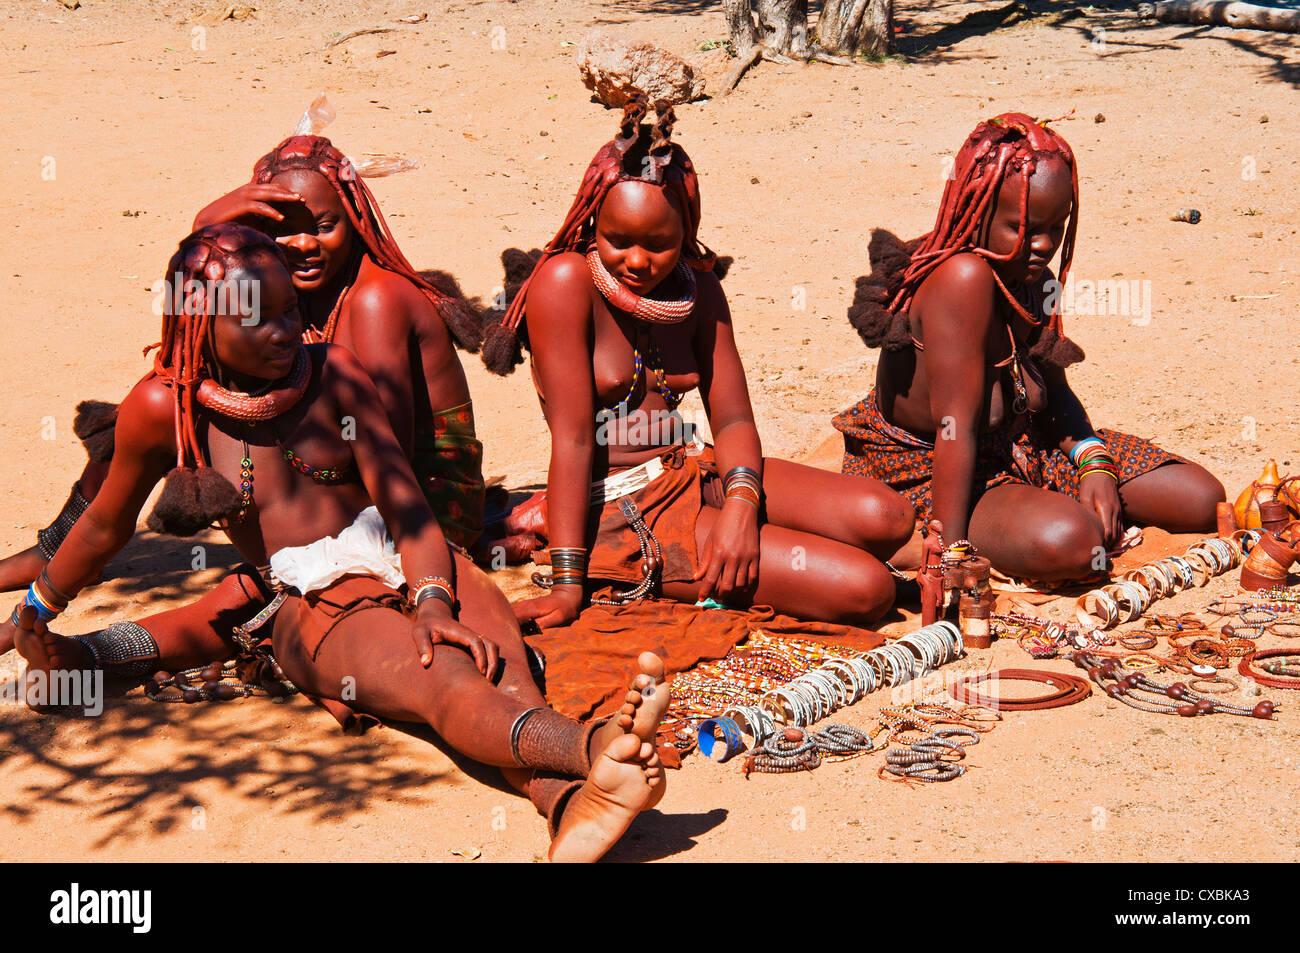 Des souvenirs, des femmes Himba Kaokoveld, Namibie, Afrique Banque D'Images